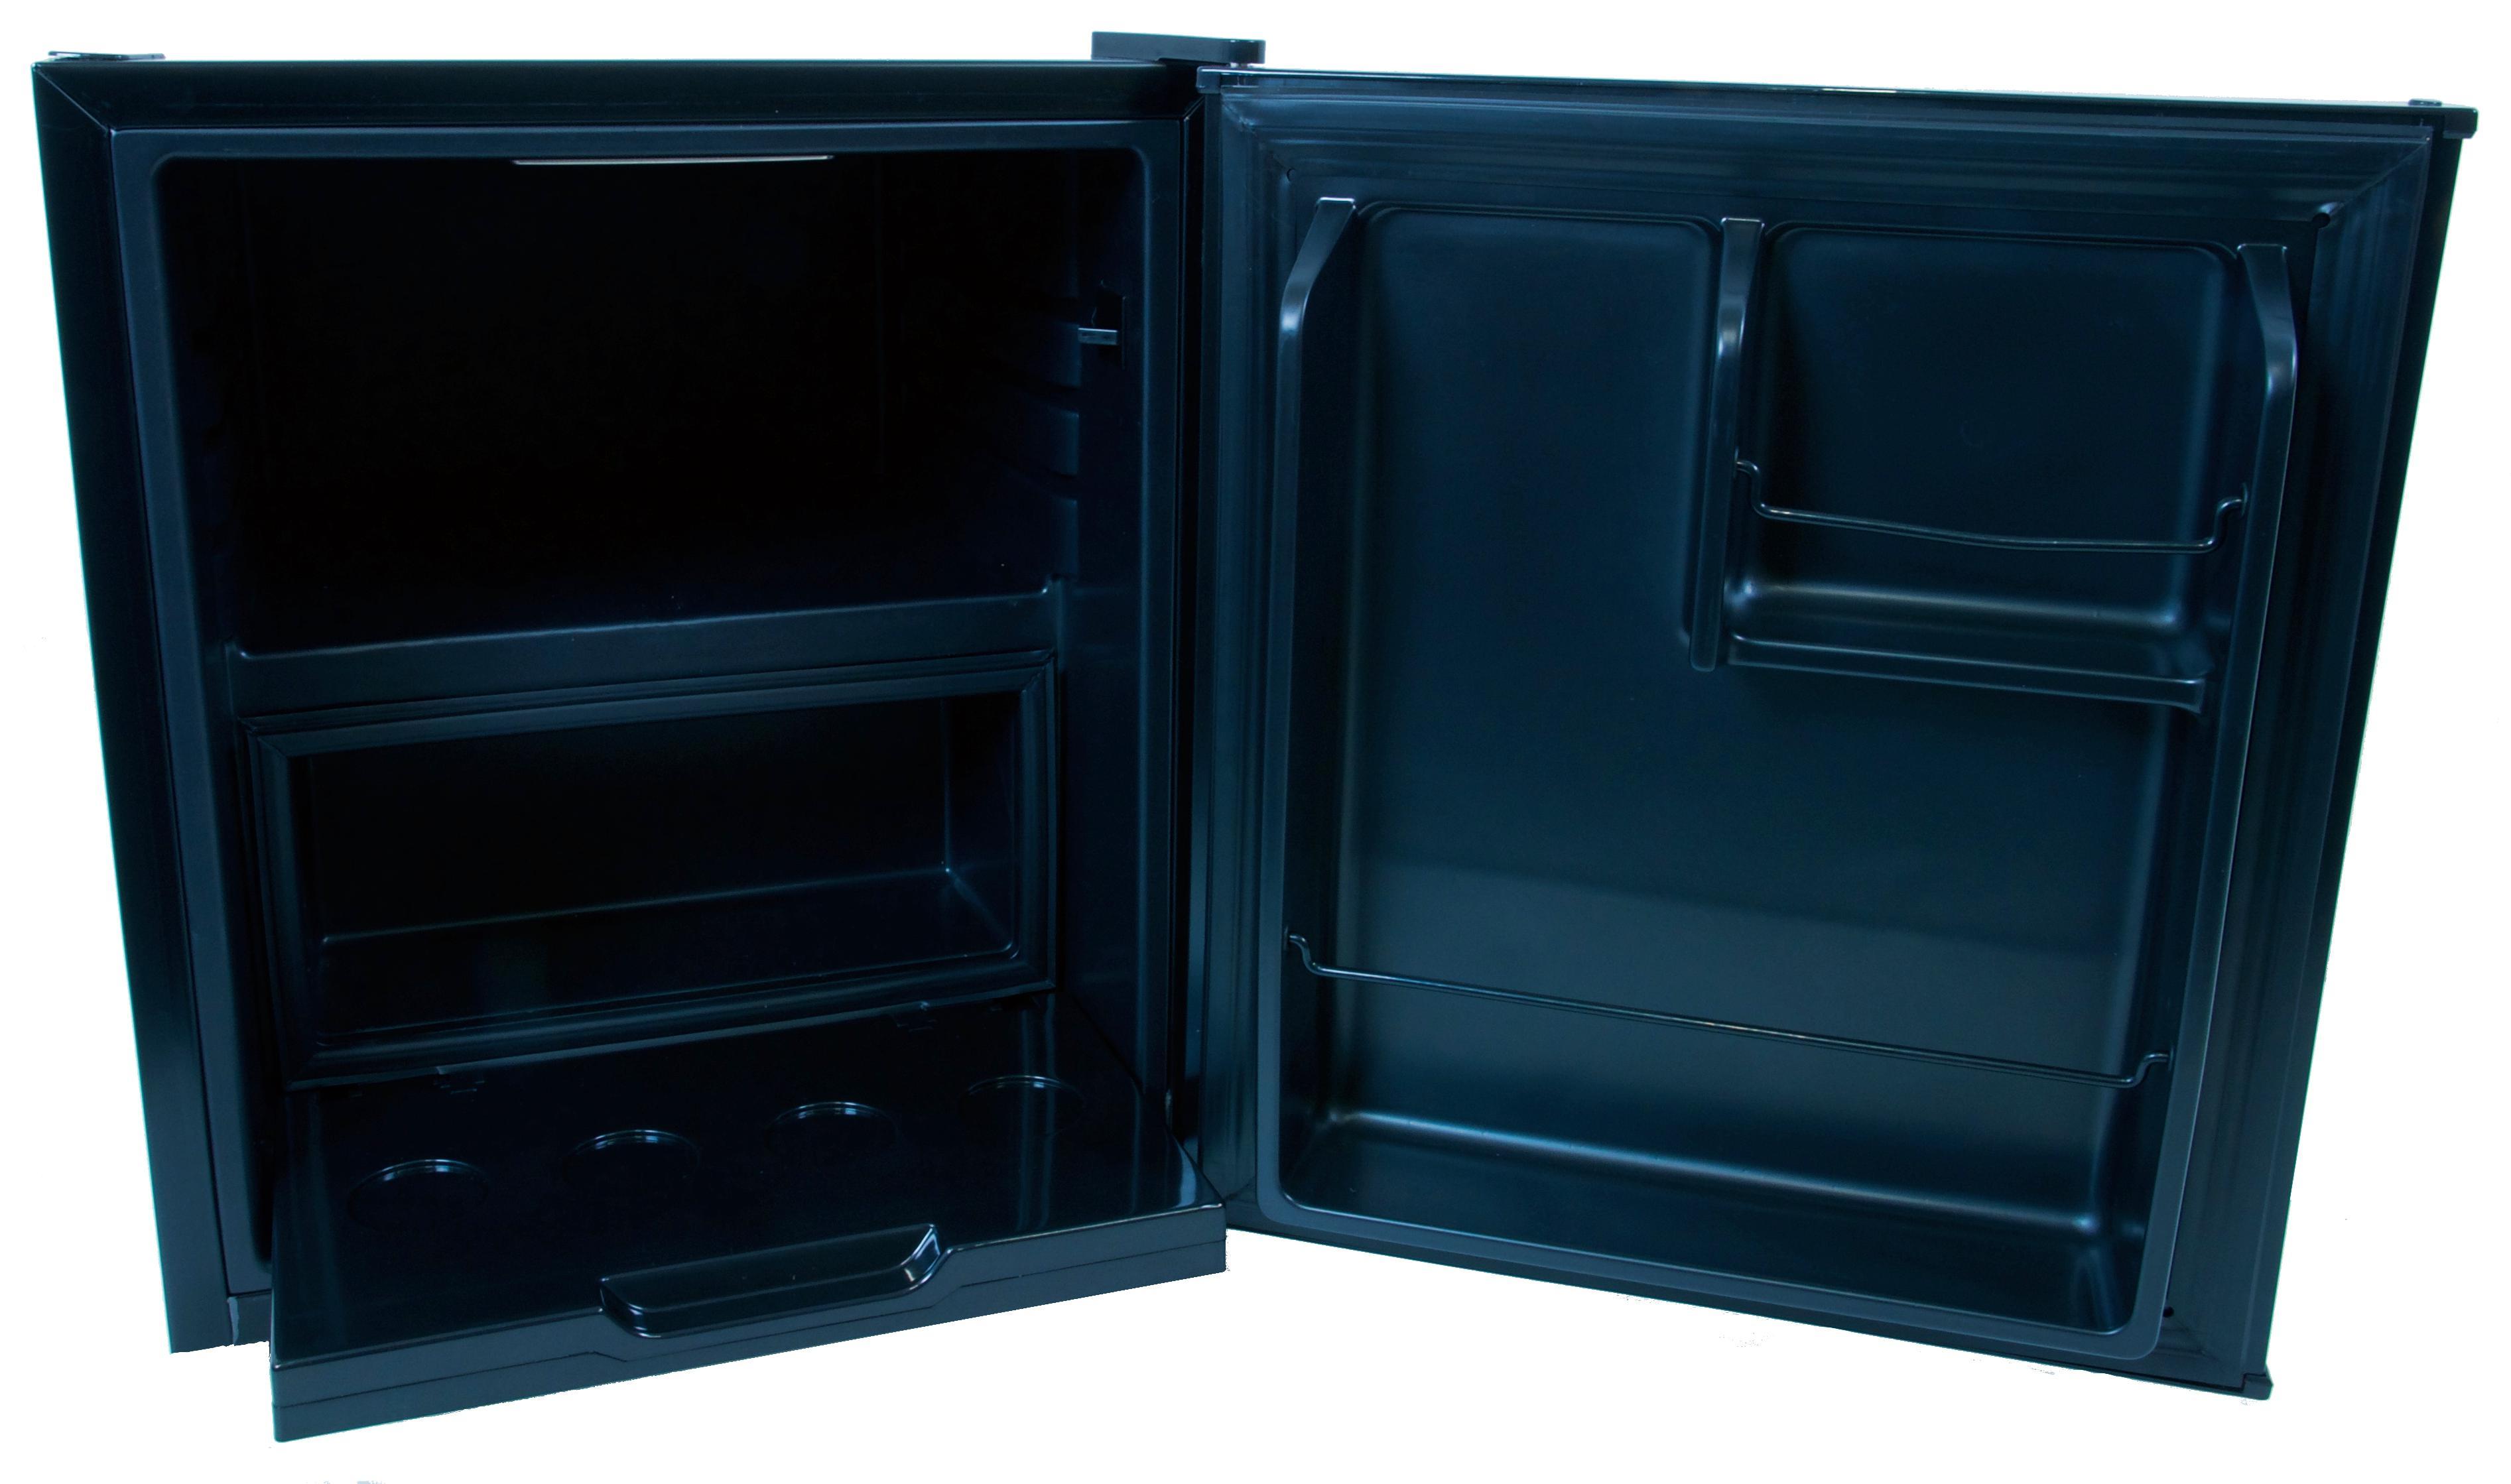 Guinness Mini Kühlschrank : Guinness mini kühlschrank husky kühlschrank im check ekitchen